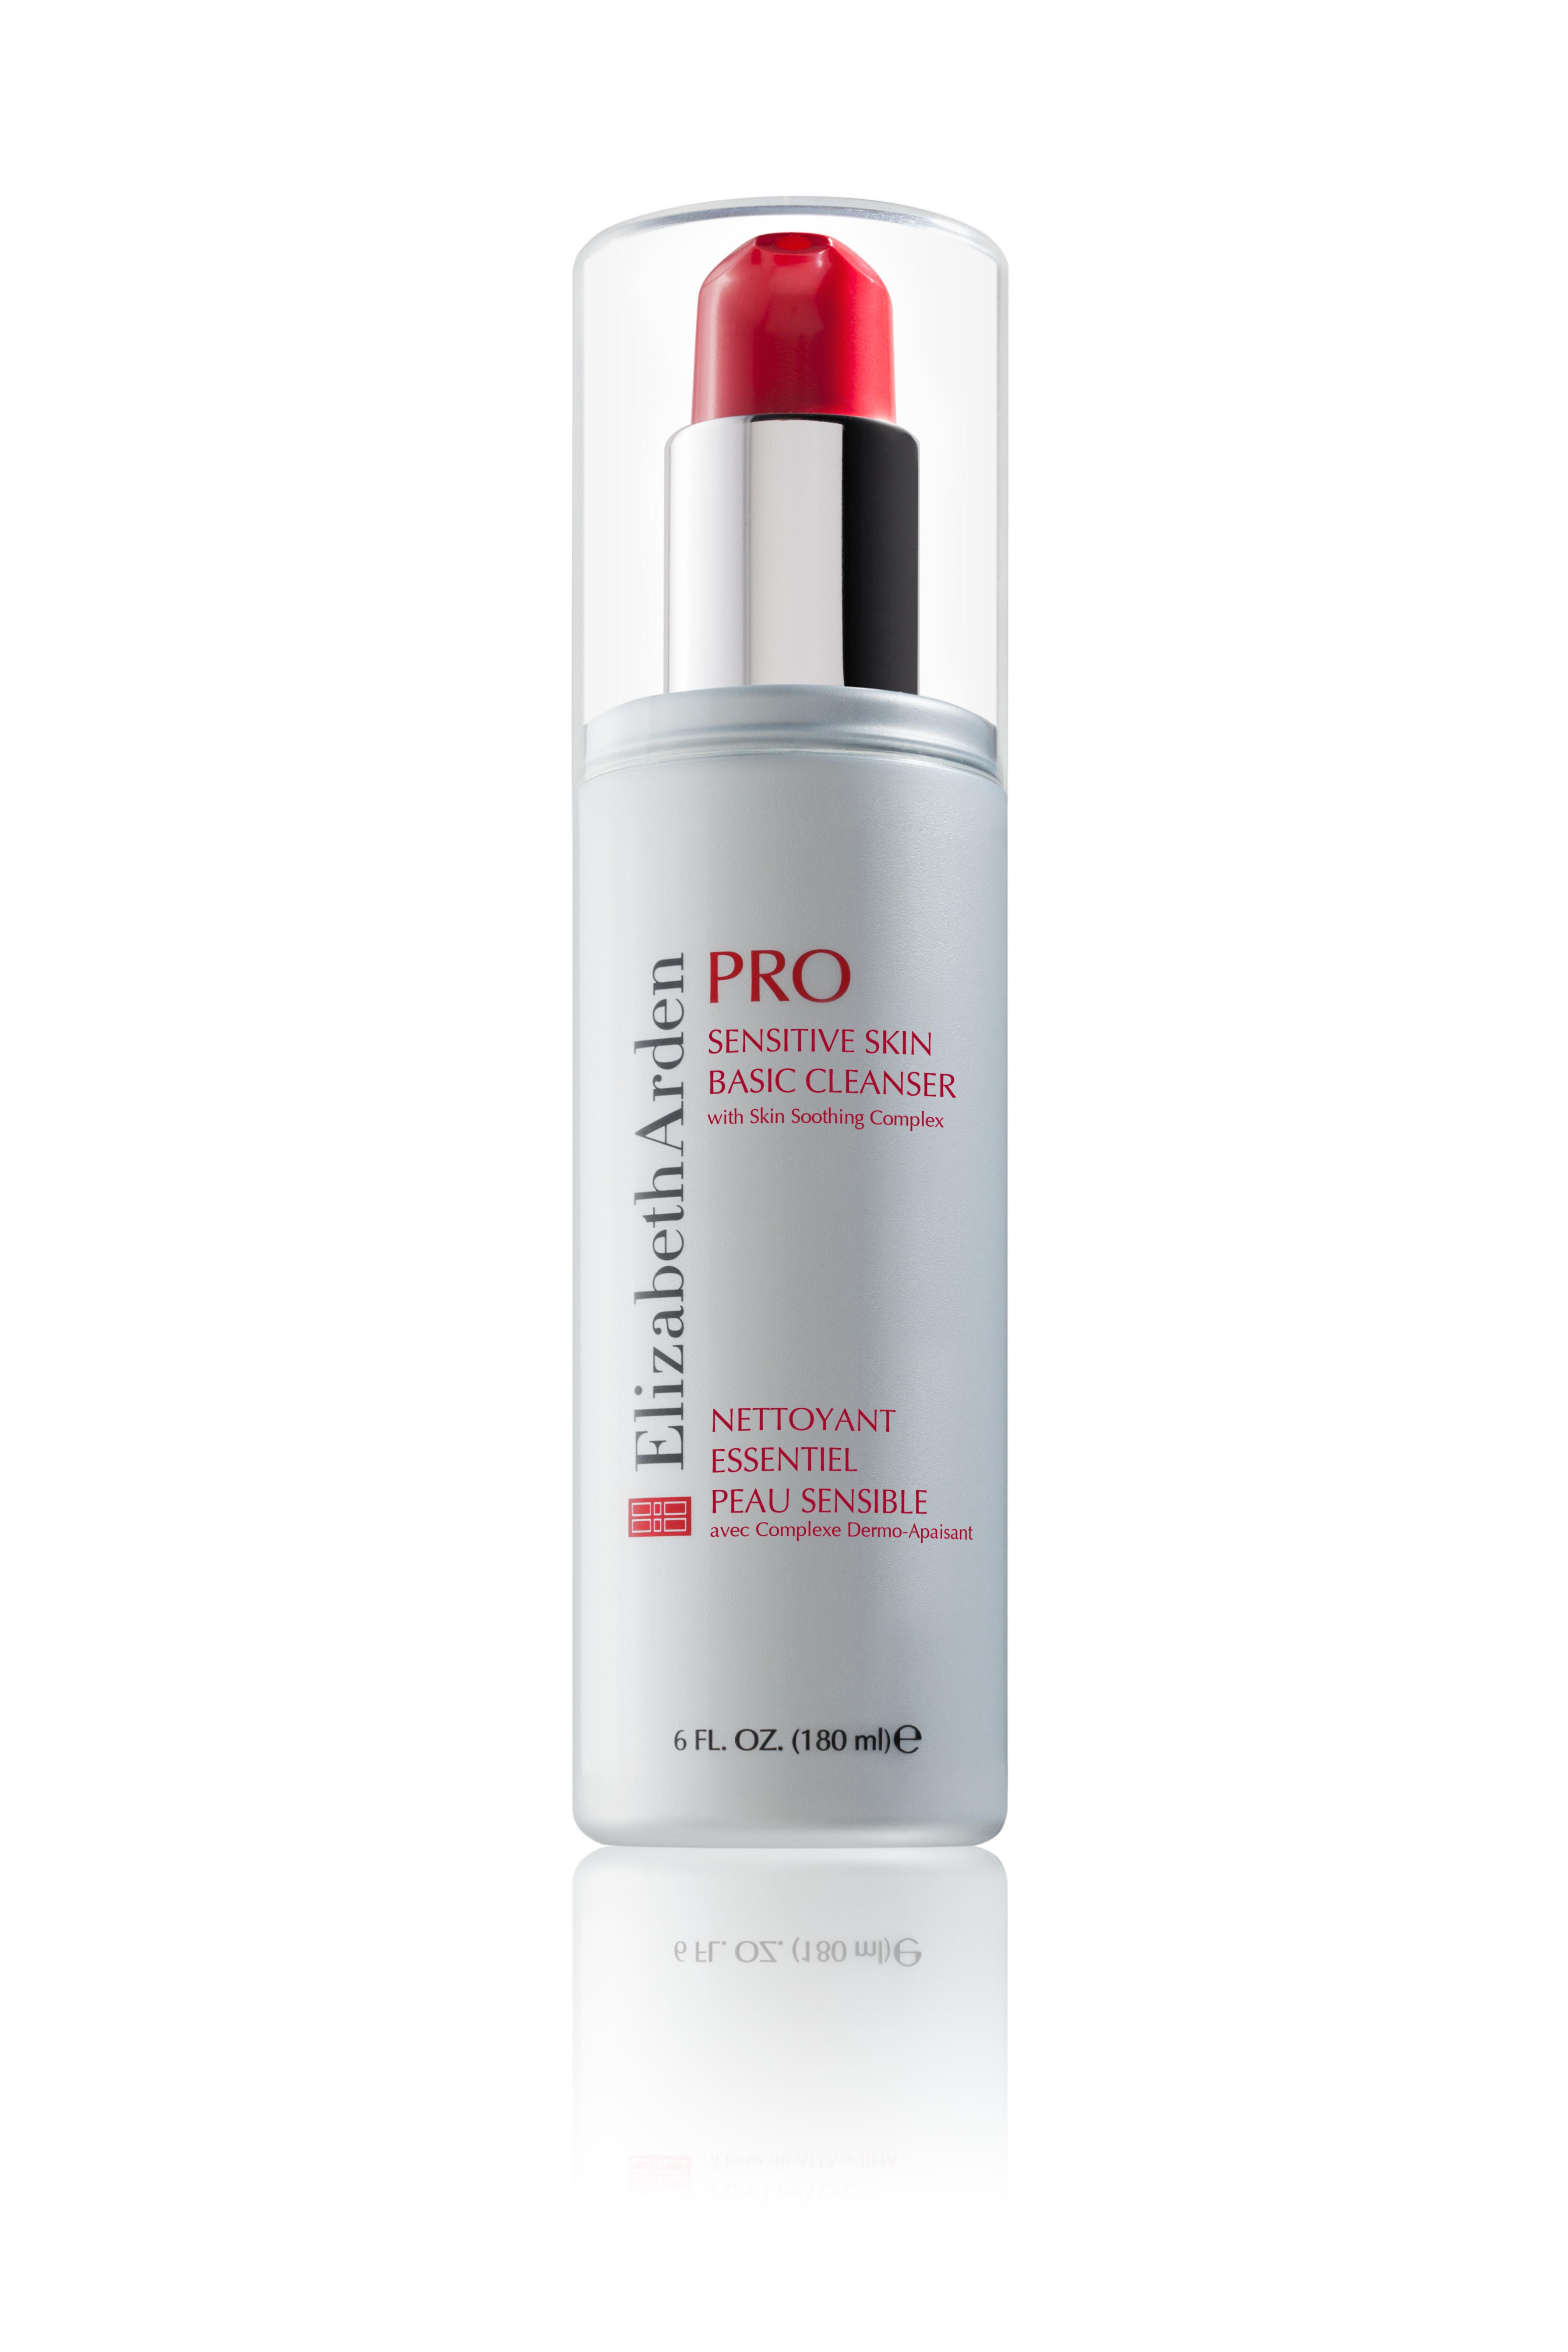 Elizabeth Arden PRO Sensitive Skin Basic Cleanser